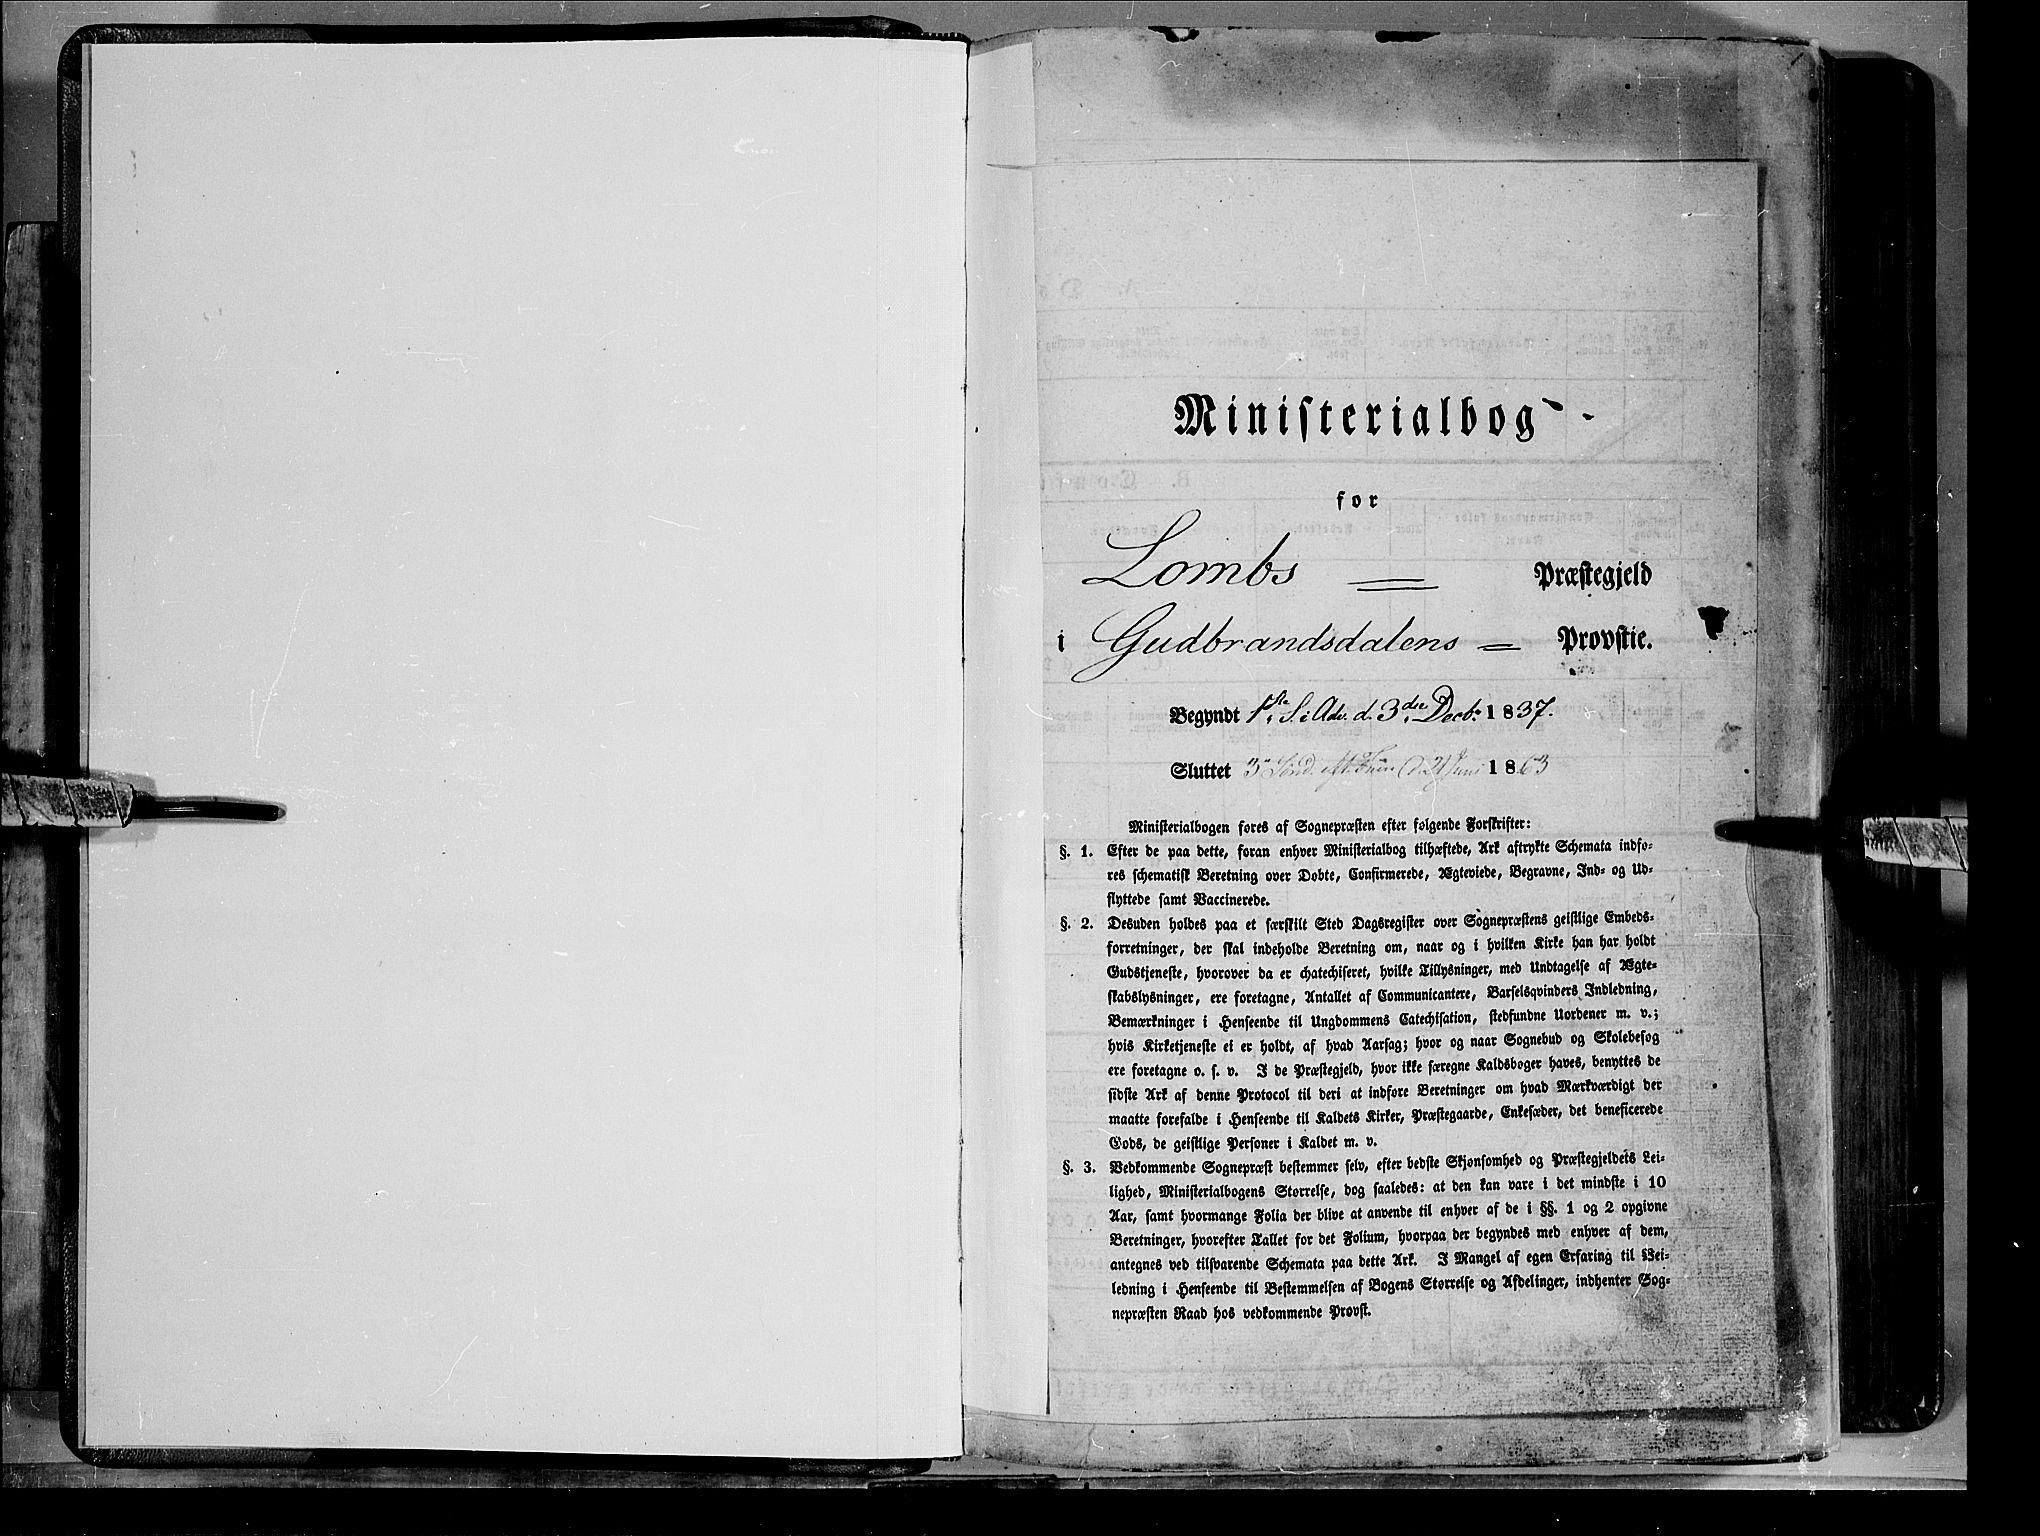 SAH, Lom prestekontor, K/L0006: Ministerialbok nr. 6A, 1837-1863